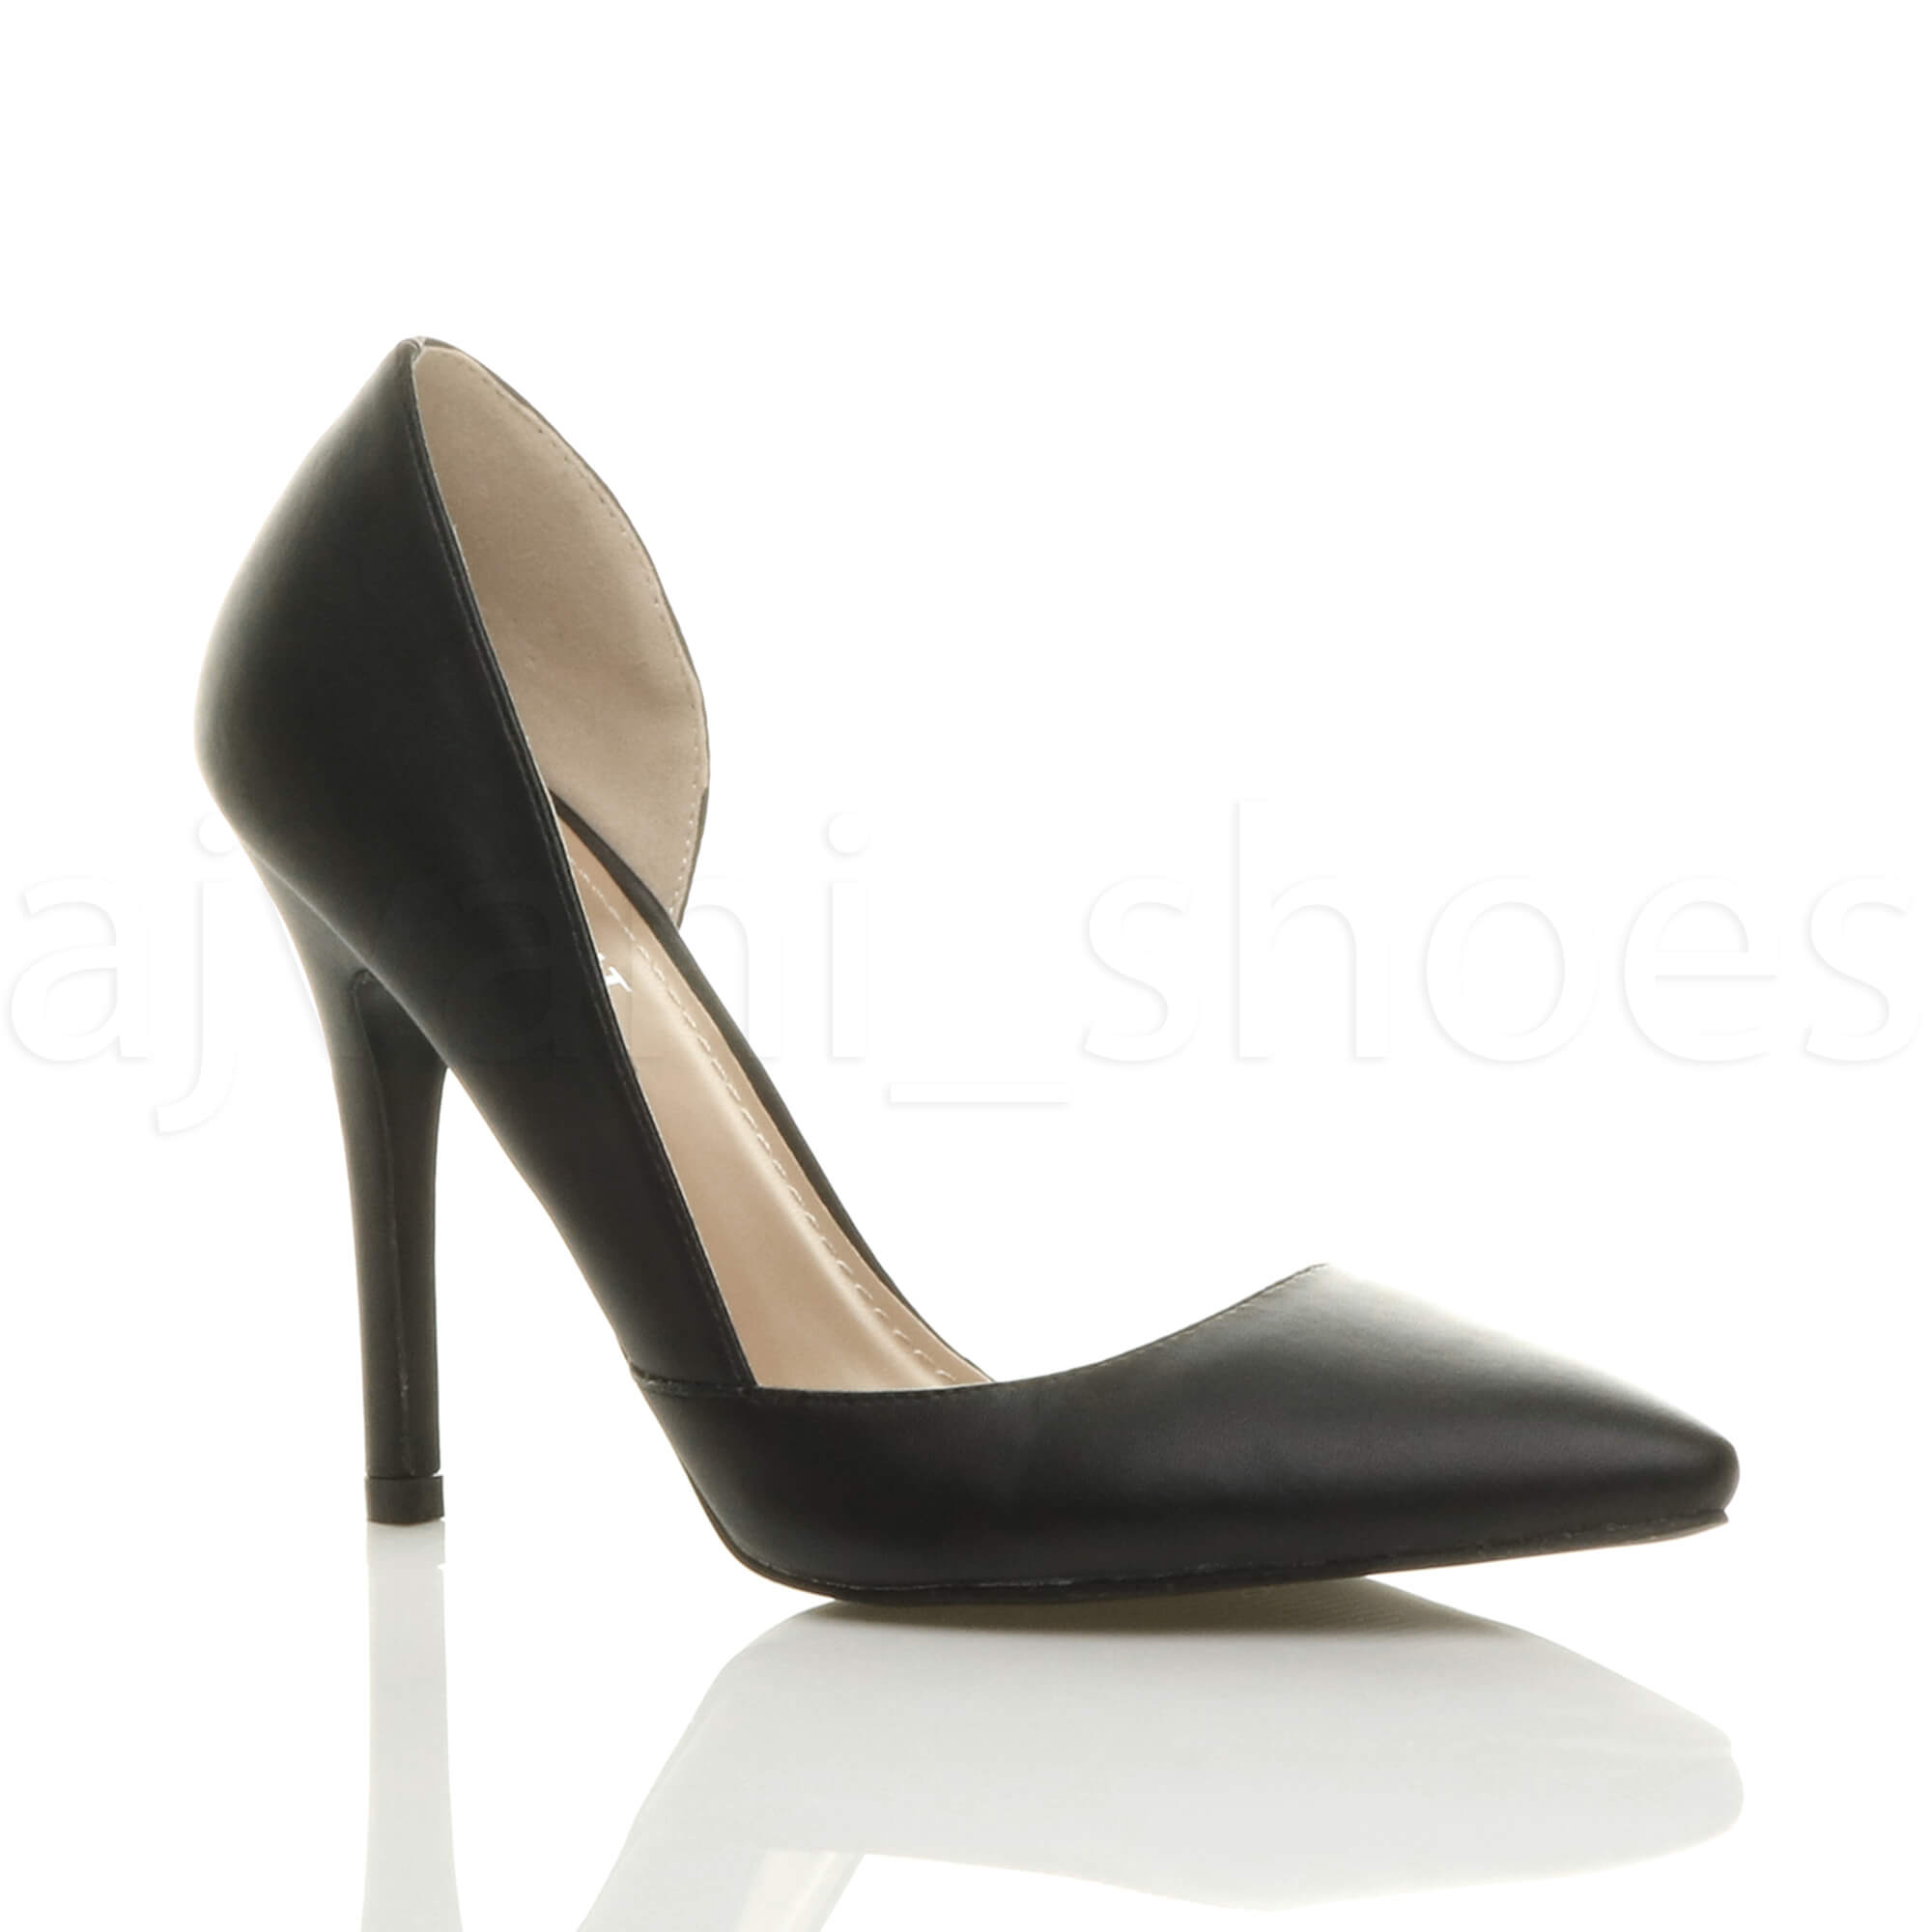 Damen Hoher Absatz Stiletto Spitz Ausschneiden D'orsay Pumps Schuh Größe 3 36 jRG50